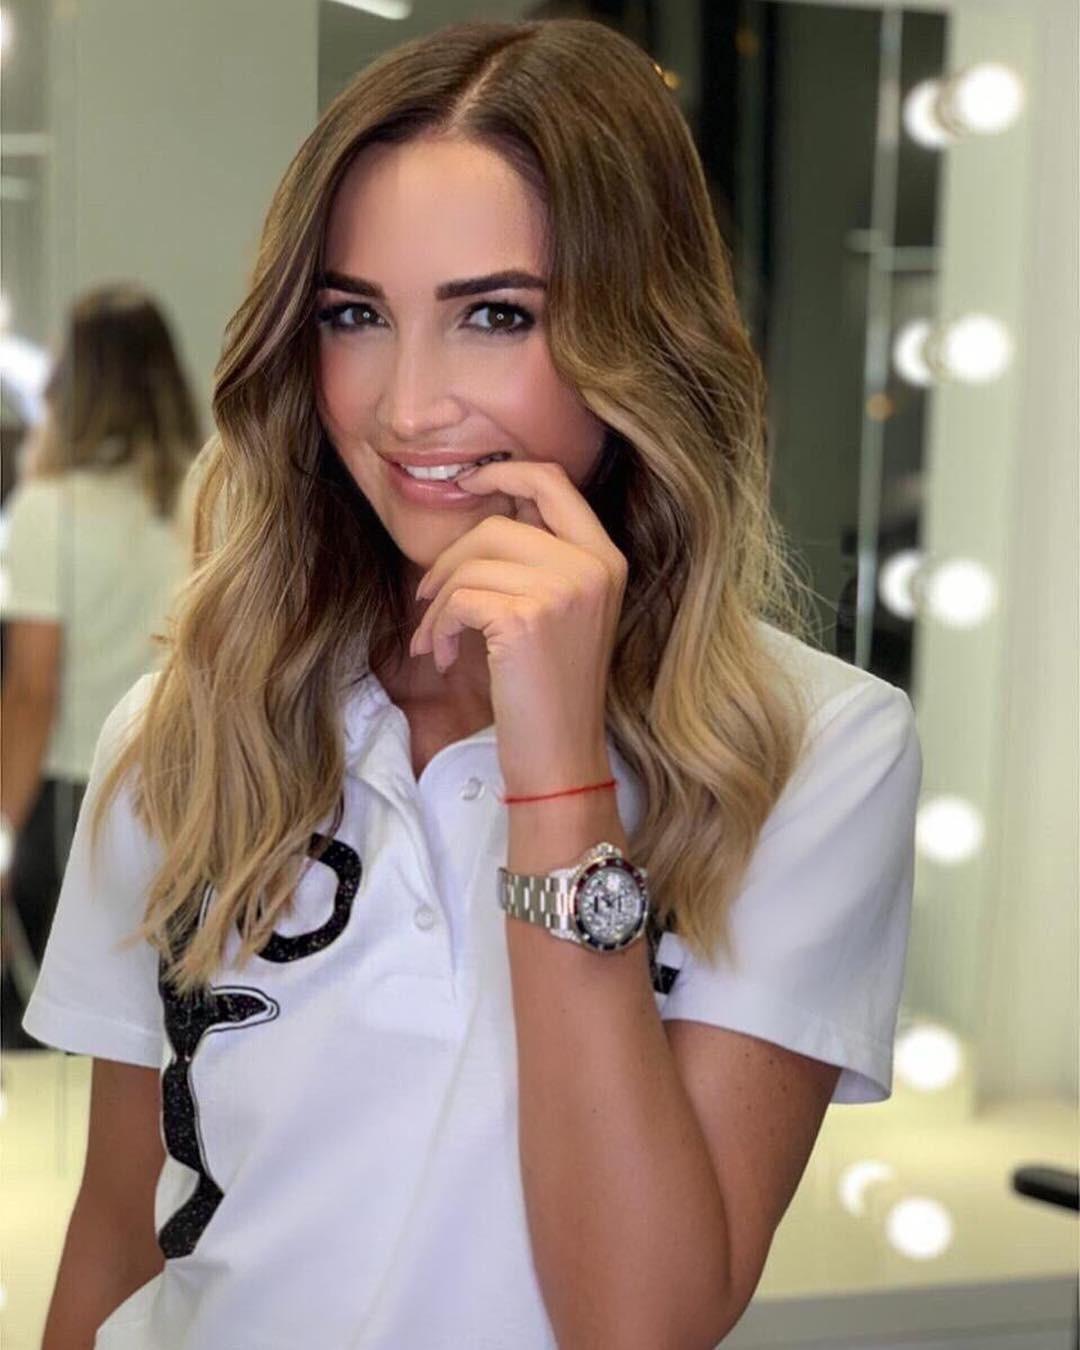 «Твоя девочка теперь эгоистка»: Ольга Бузова выпустила клип о неверных мужьях